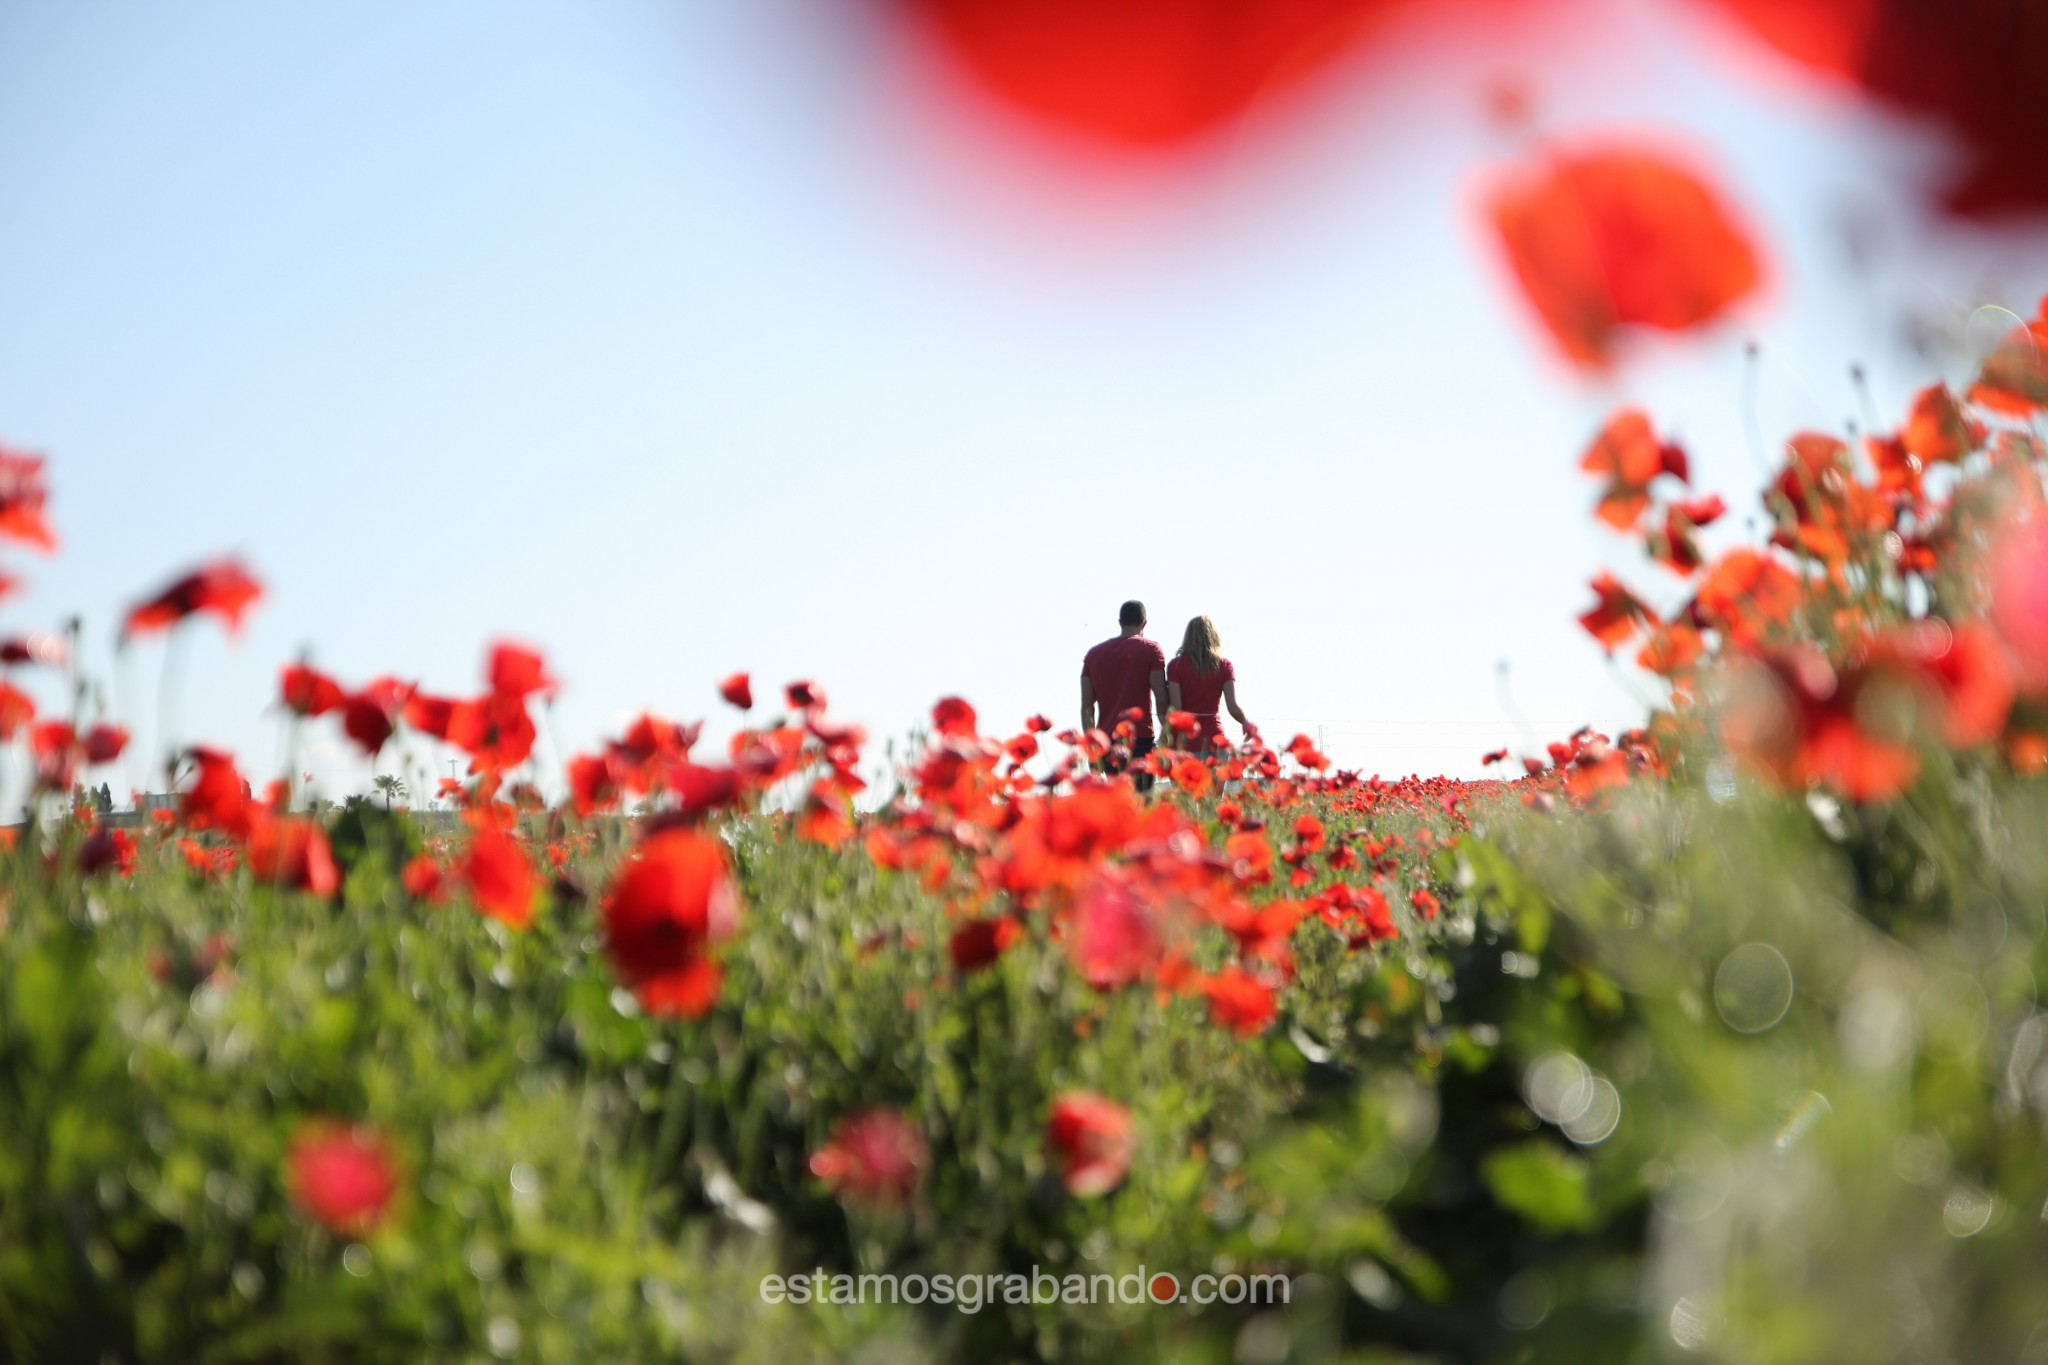 preboda-juan-reme-6 Rojo color amapola [Juan & Reme] - video boda cadiz